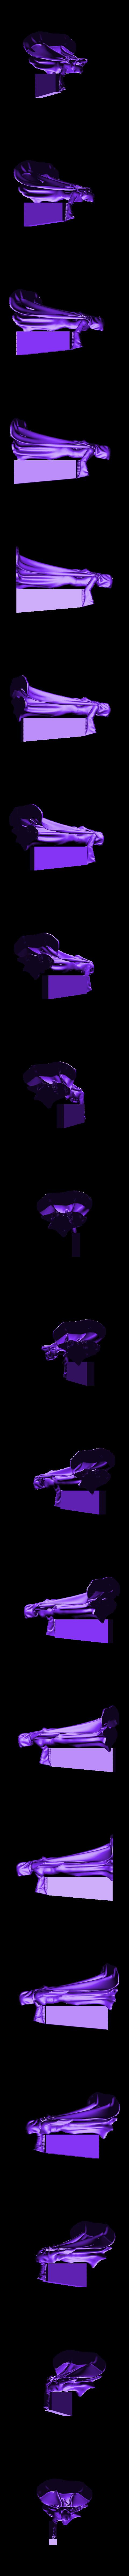 Death_Final_supports.stl Download free STL file Death • 3D printer design, mag-net